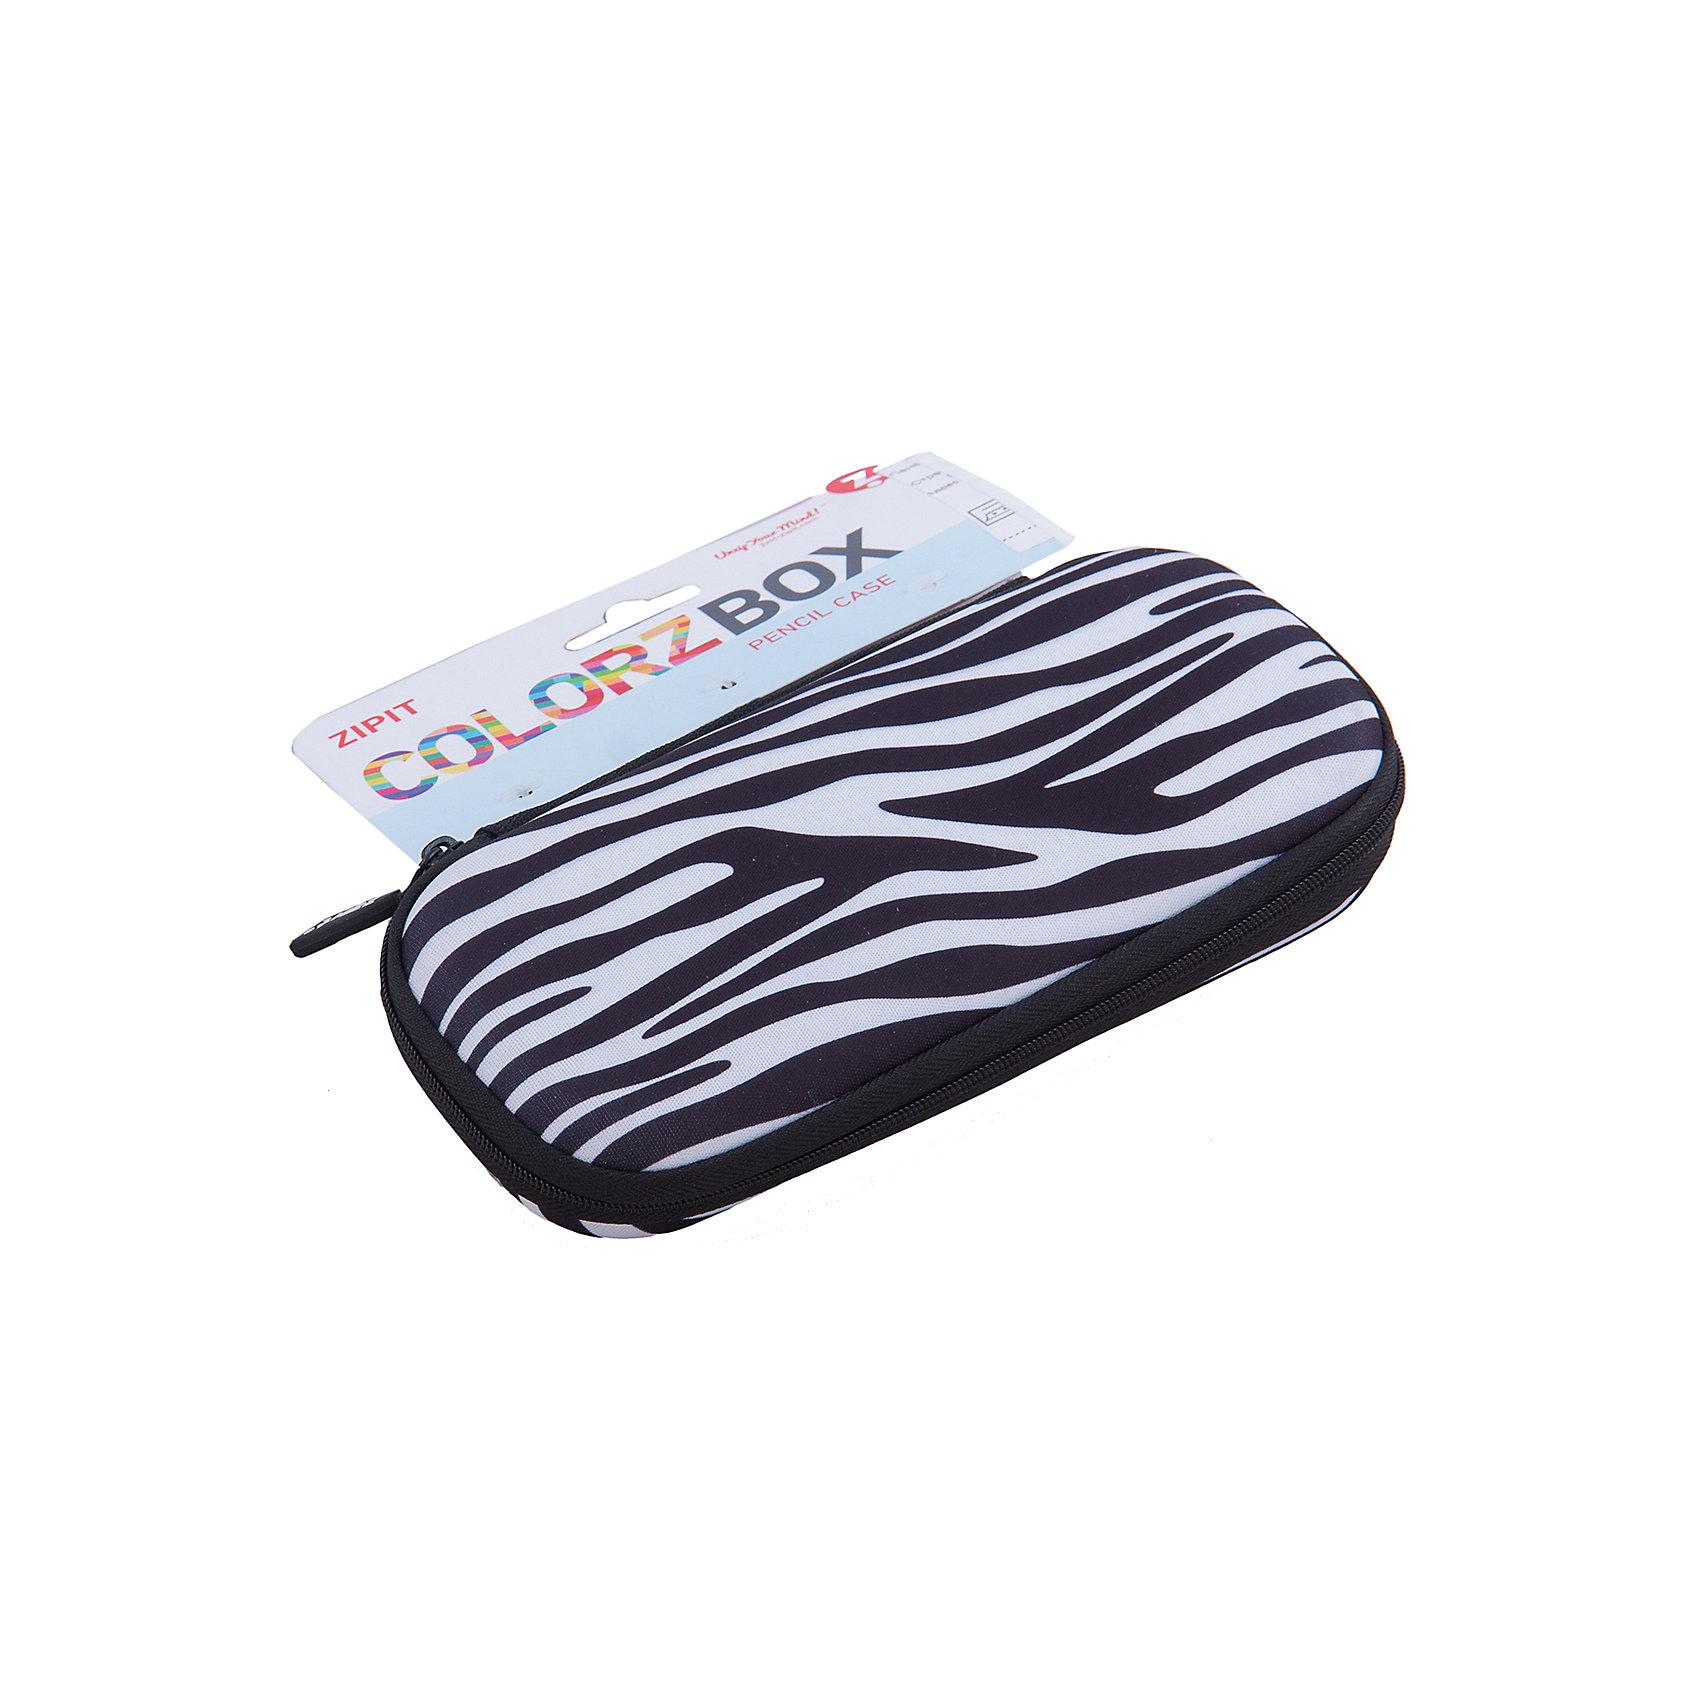 Пенал COLORZ BOX, цвет черно-белыйПрочный пенал в мягкой обшивке хорошо сохранит ваши пишущие принадлежности. Используются высококачественные материалы, в том числе и крепкие молнии, чтобы был практичный пенал, который сделан на совесть. Многофункциональный - может вместиться до 20 ручек и карандашей. Он также может хранить ваши ножницы, точилки, карандаши, мобильный телефон, личные вещи и многое другое.<br>Забавные узоры - смелые геометрические, стильные модели, расцветка зебры или глазки - выберите Ваш любимый!<br><br>Ширина мм: 19<br>Глубина мм: 9<br>Высота мм: 4<br>Вес г: 200<br>Возраст от месяцев: 60<br>Возраст до месяцев: 420<br>Пол: Унисекс<br>Возраст: Детский<br>SKU: 5344345